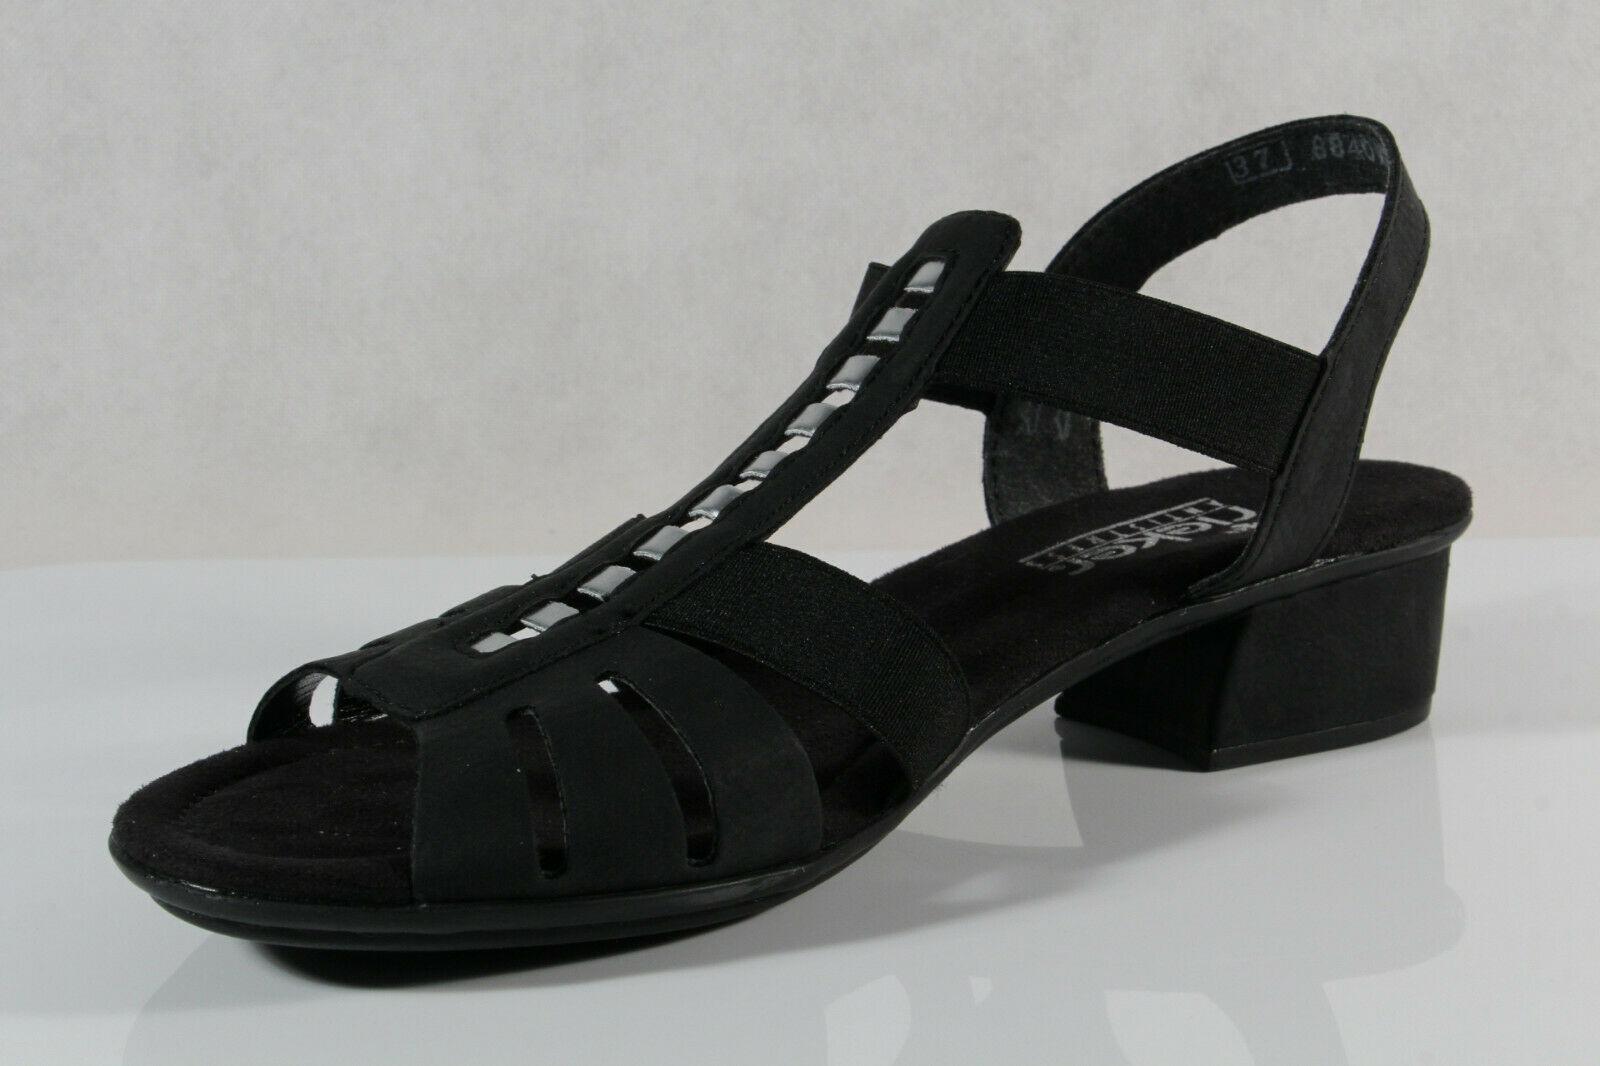 Rieker Damen Sandale Sandalette schwarz V6264 NEU!!